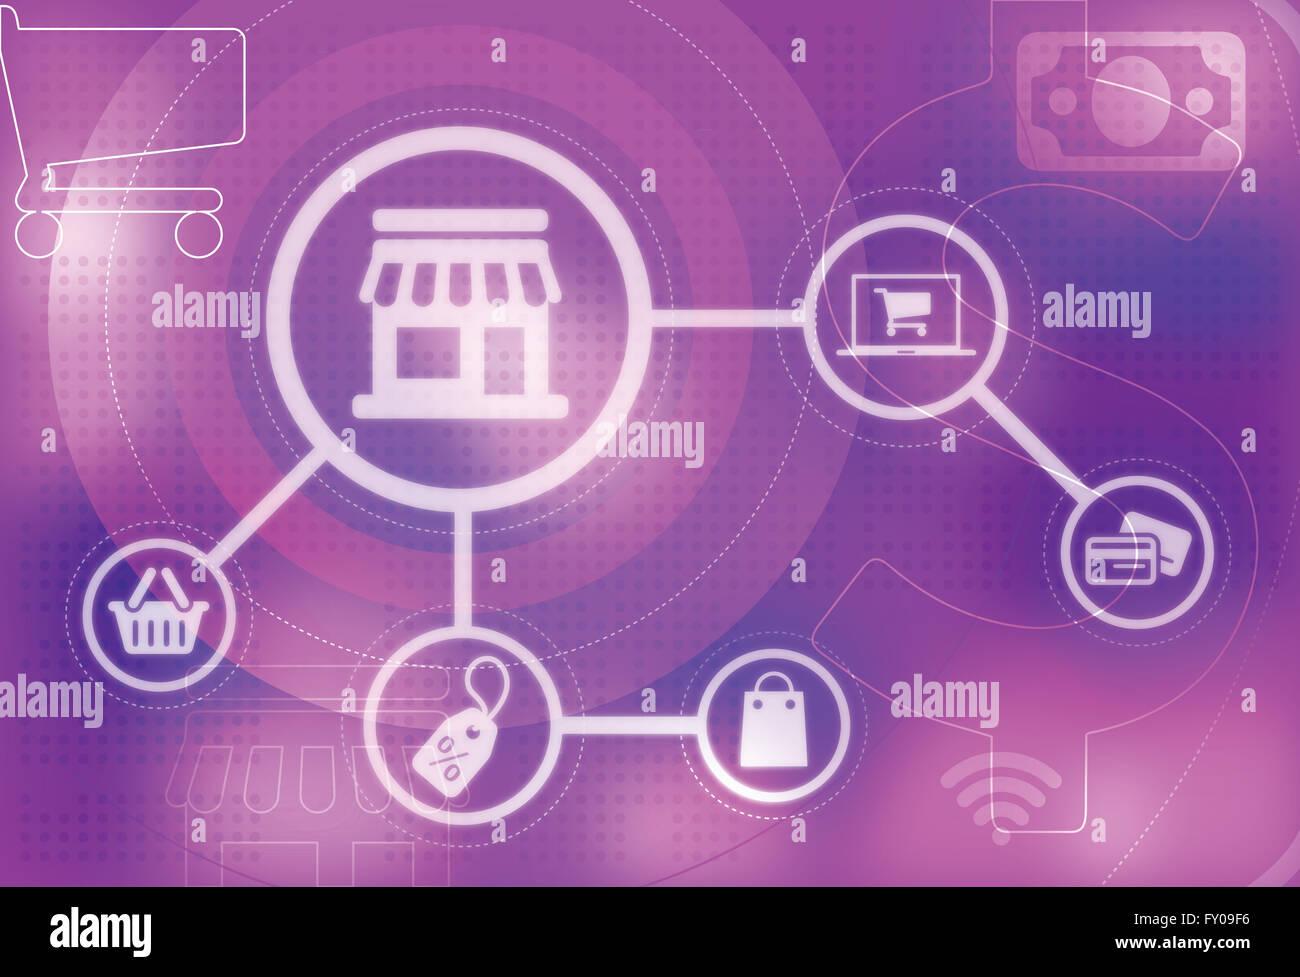 Image d'illustration représentant concept de magasinage en ligne Banque D'Images